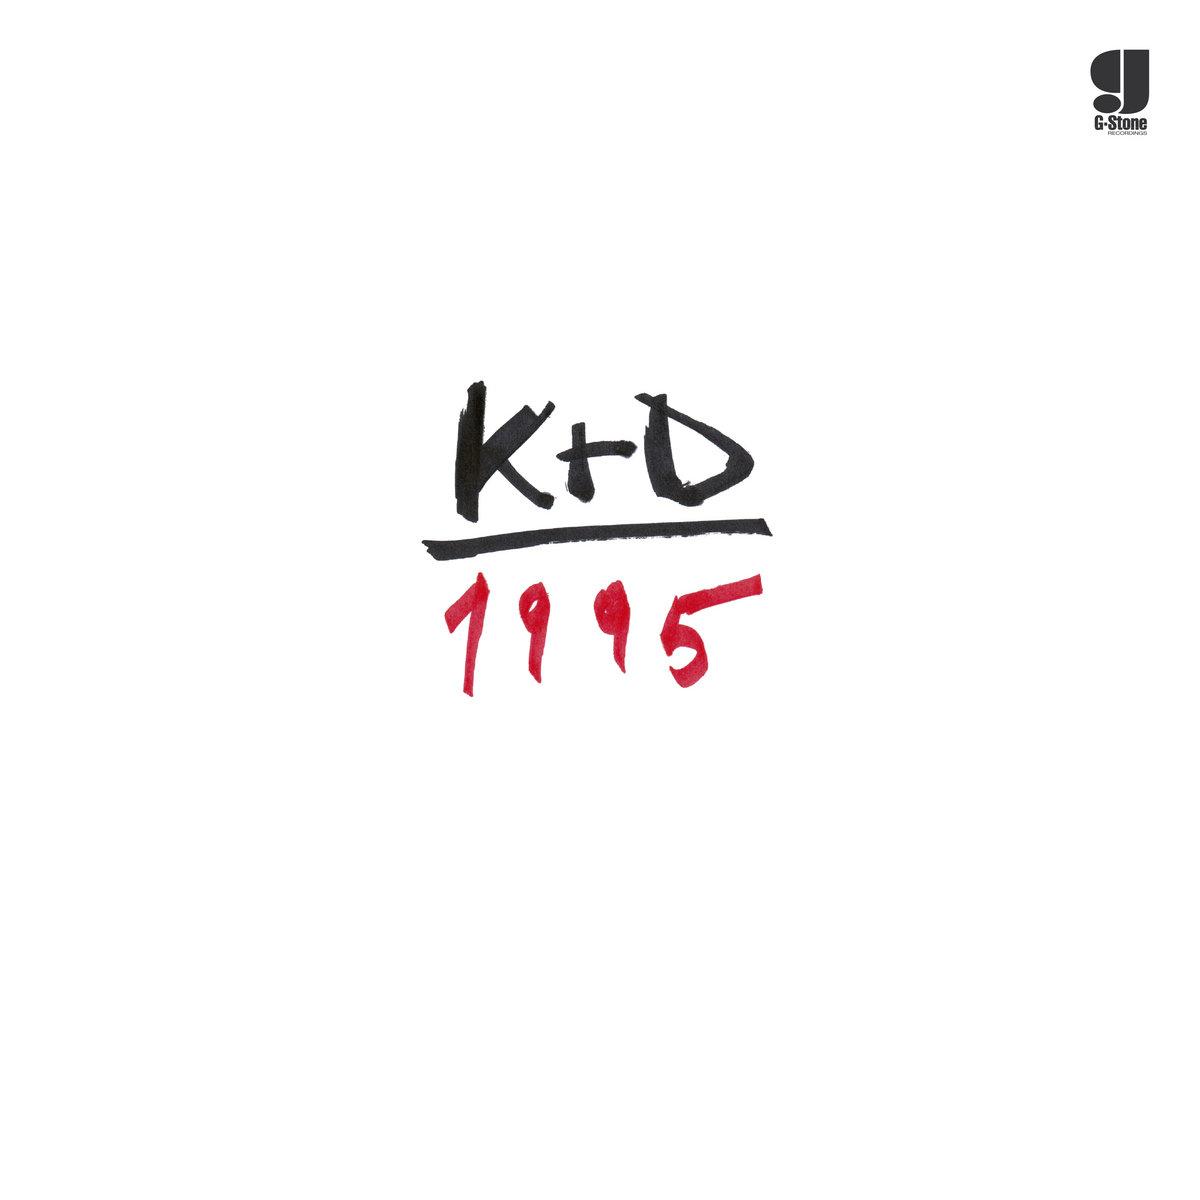 Kruder & Dorfmeister — 1995 (G-Stone Recordings, 2020)